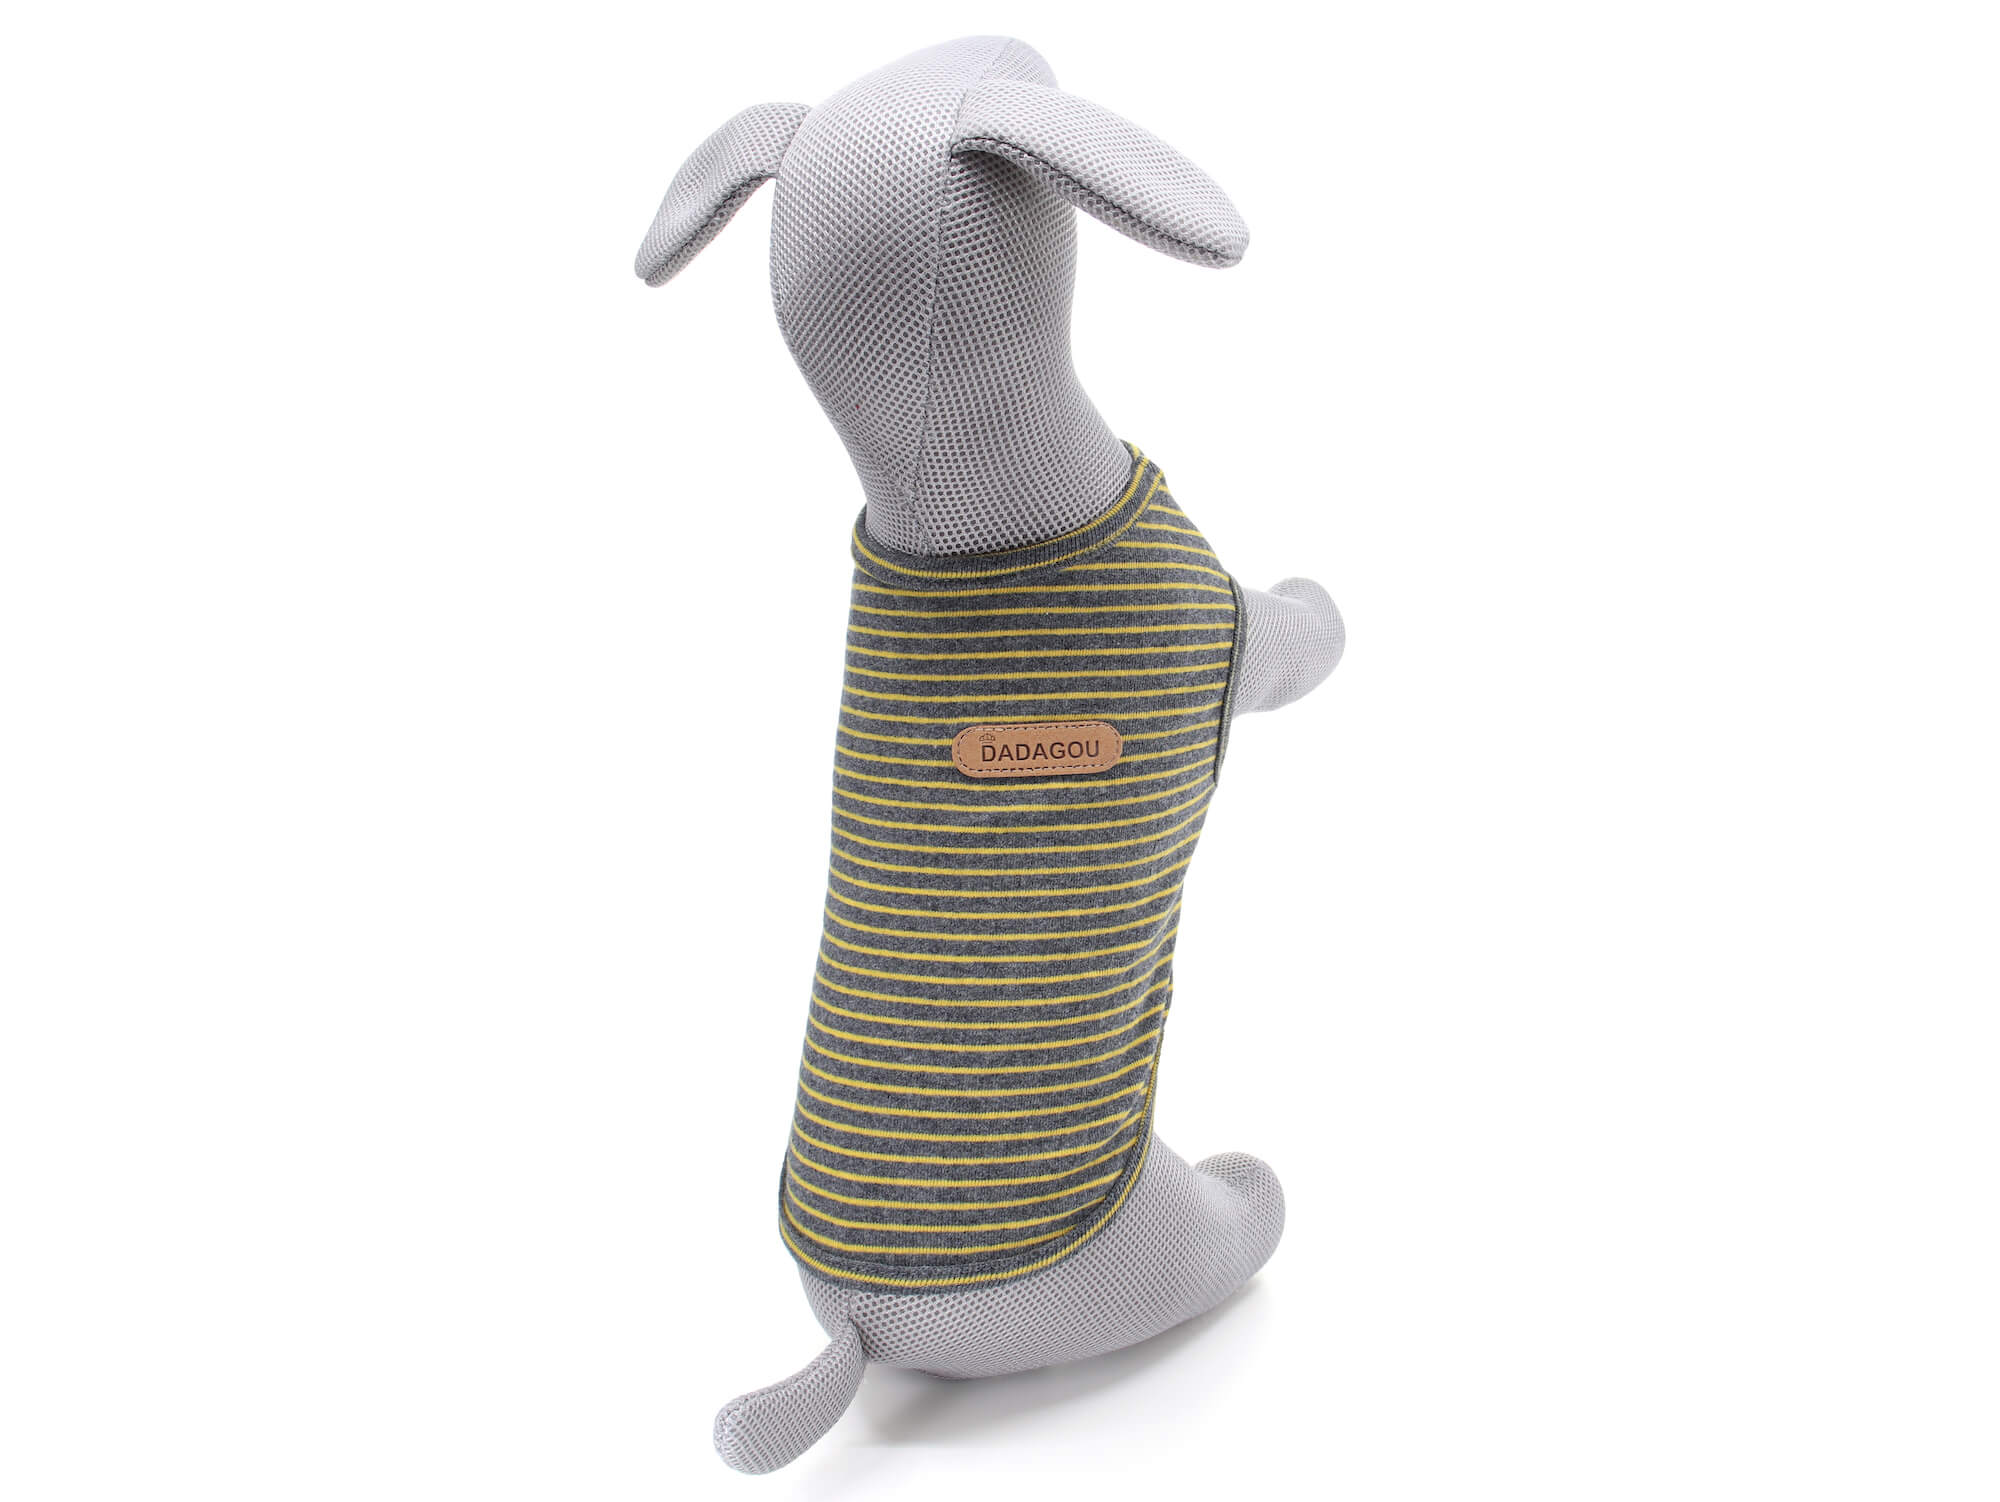 Vsepropejska Ebony pruhované tričko pro psa Barva: Béžová, Délka zad psa: 22 cm, Obvod hrudníku: 34 - 40 cm